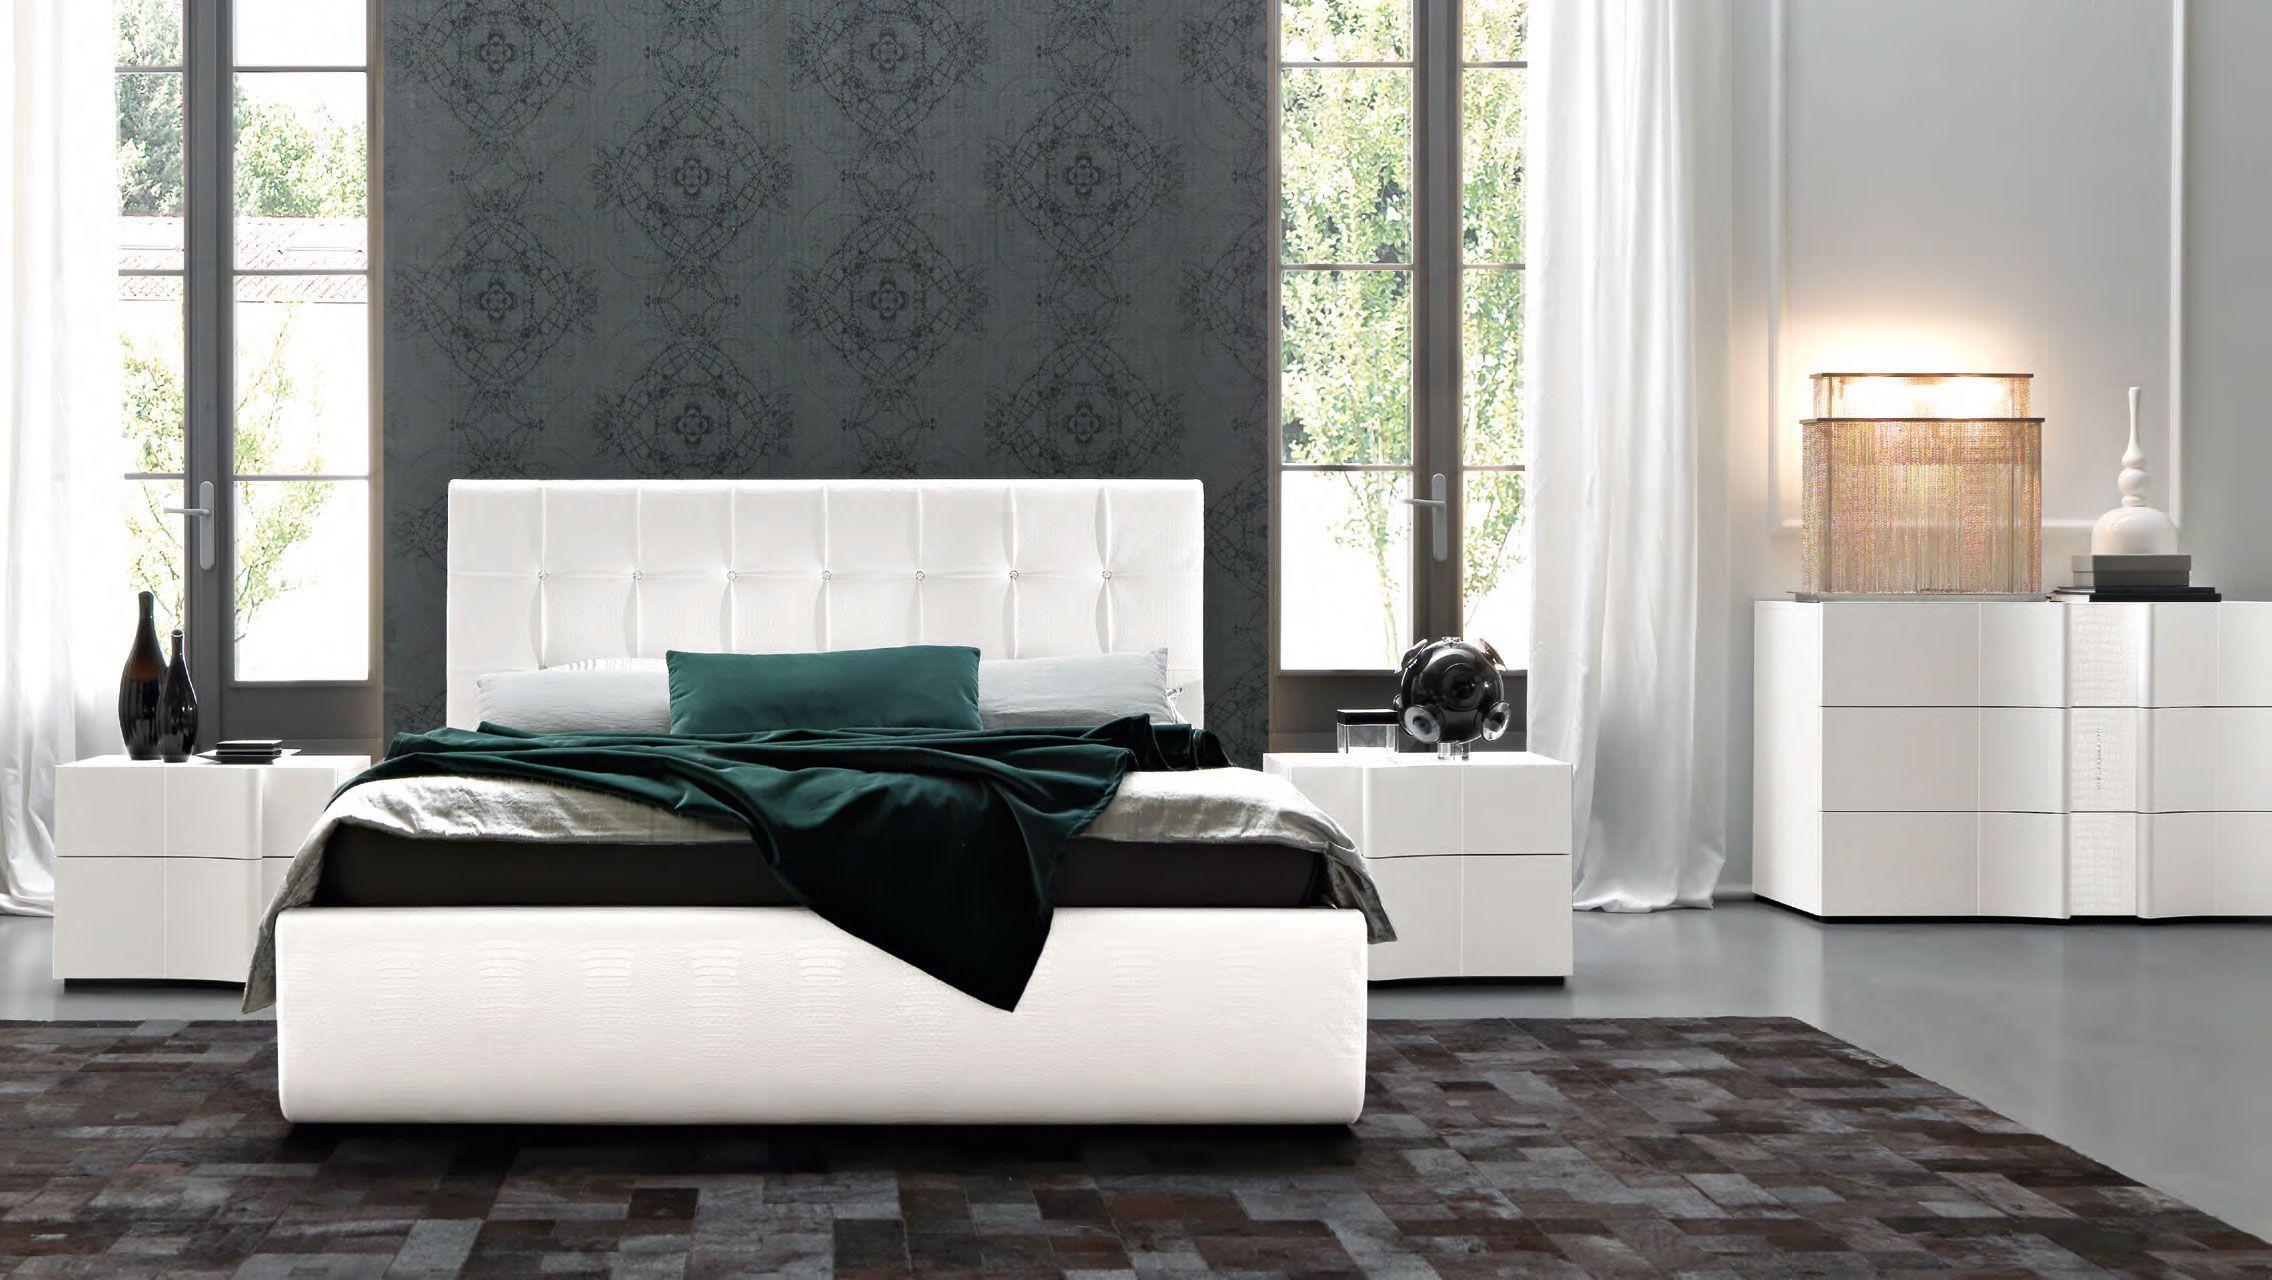 Bett Moderne Schlafzimmer Sets Günstige Informieren Sets ...